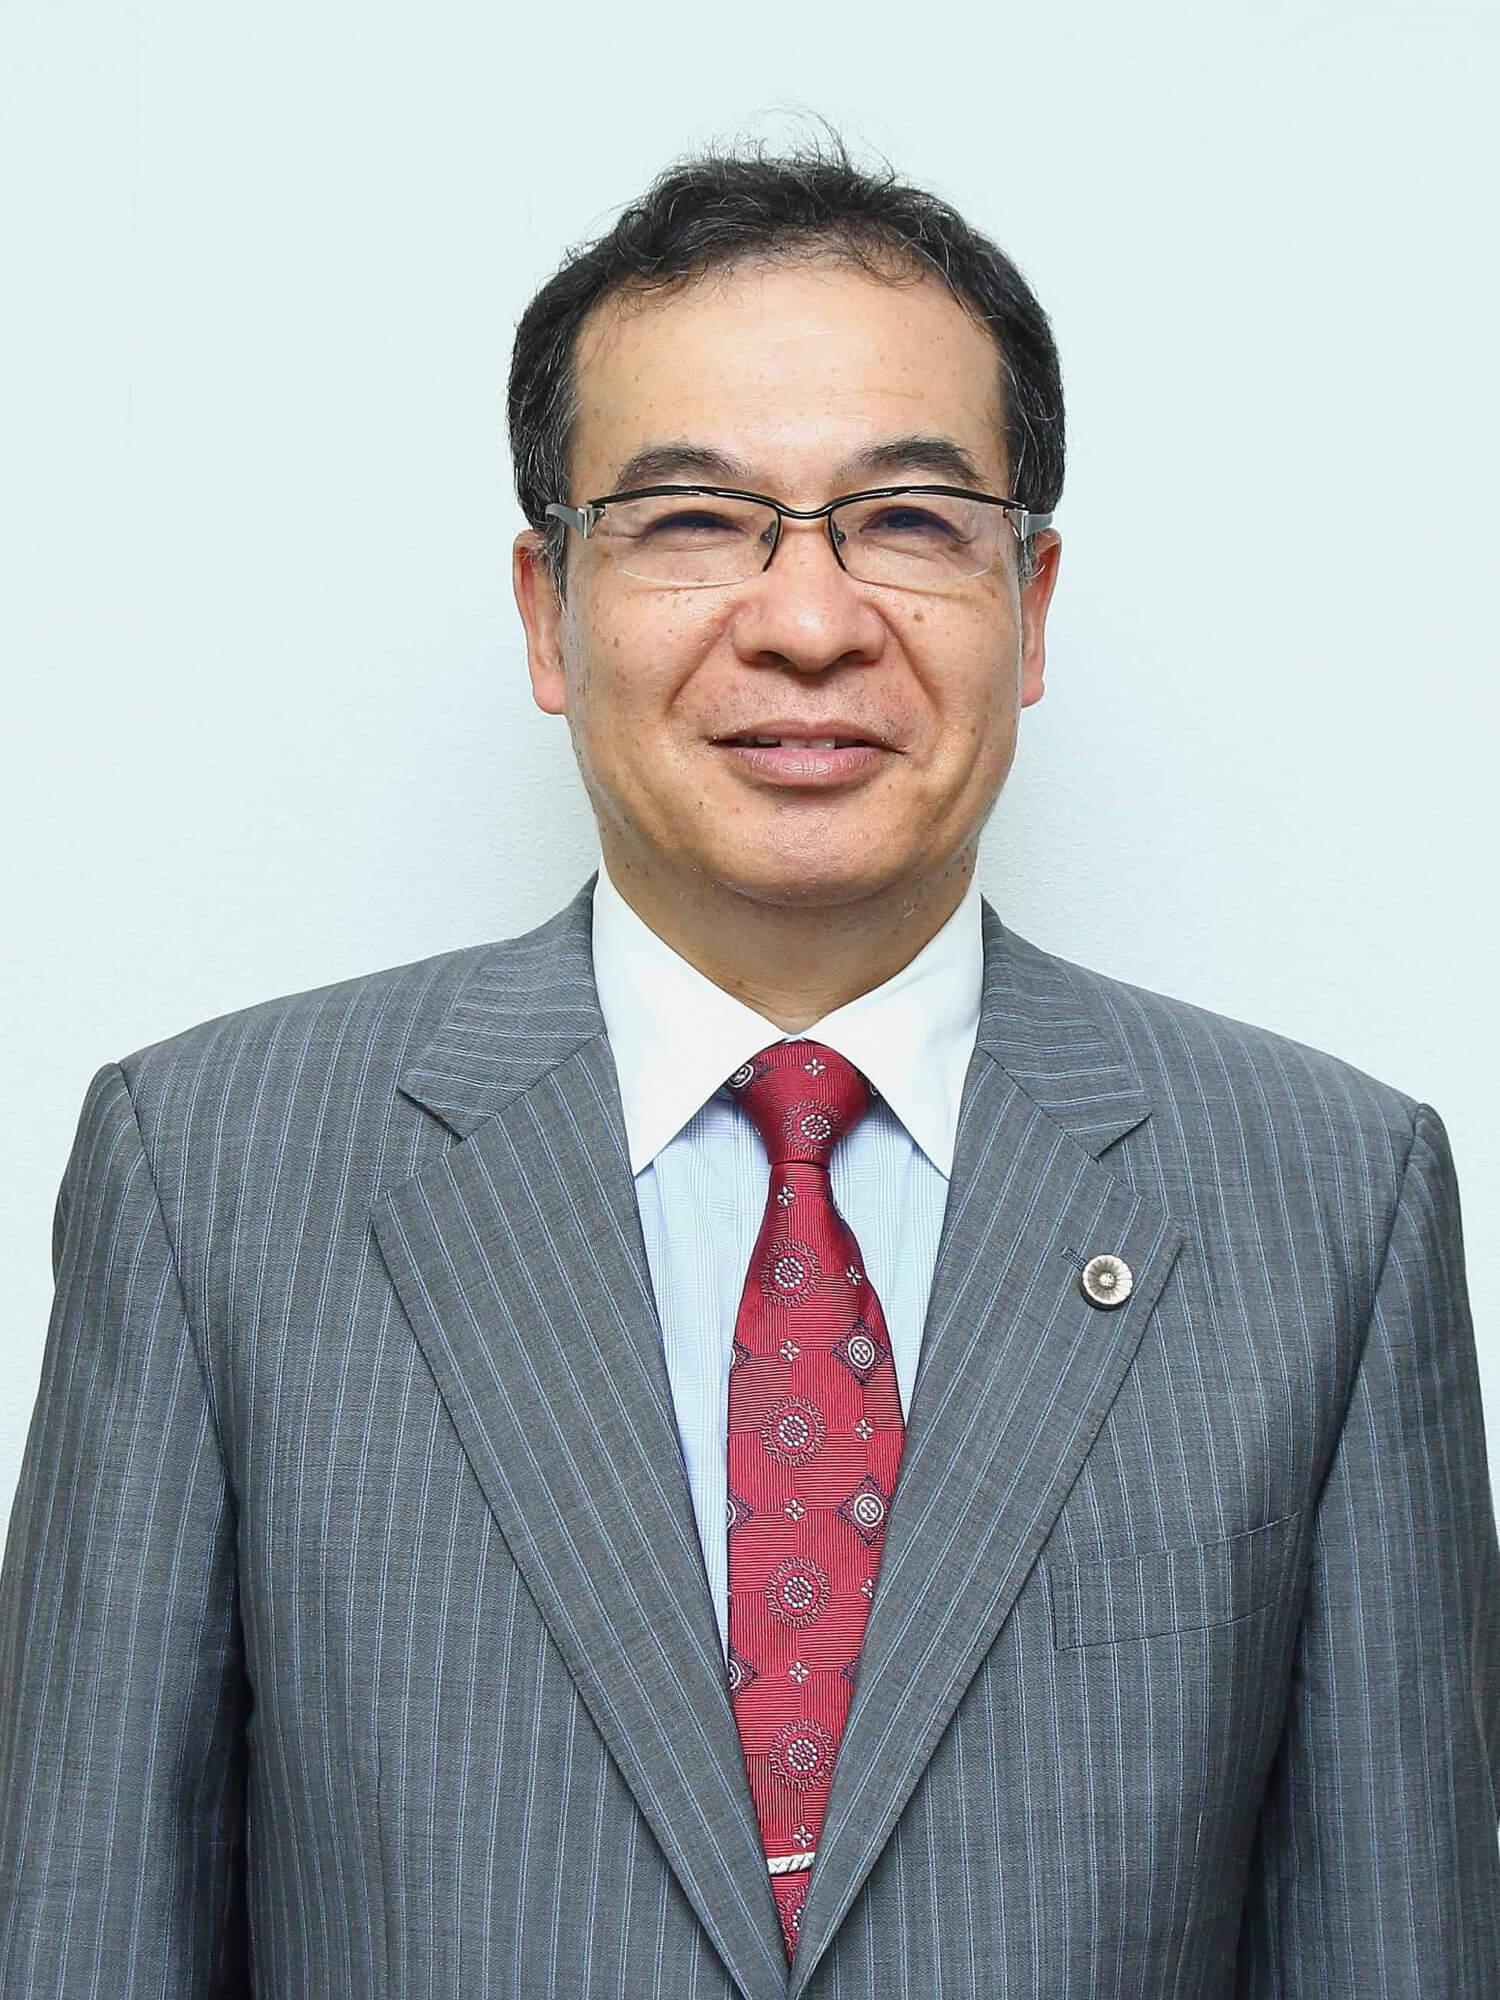 代表弁護士 藤井 義継(ふじい よしつぐ